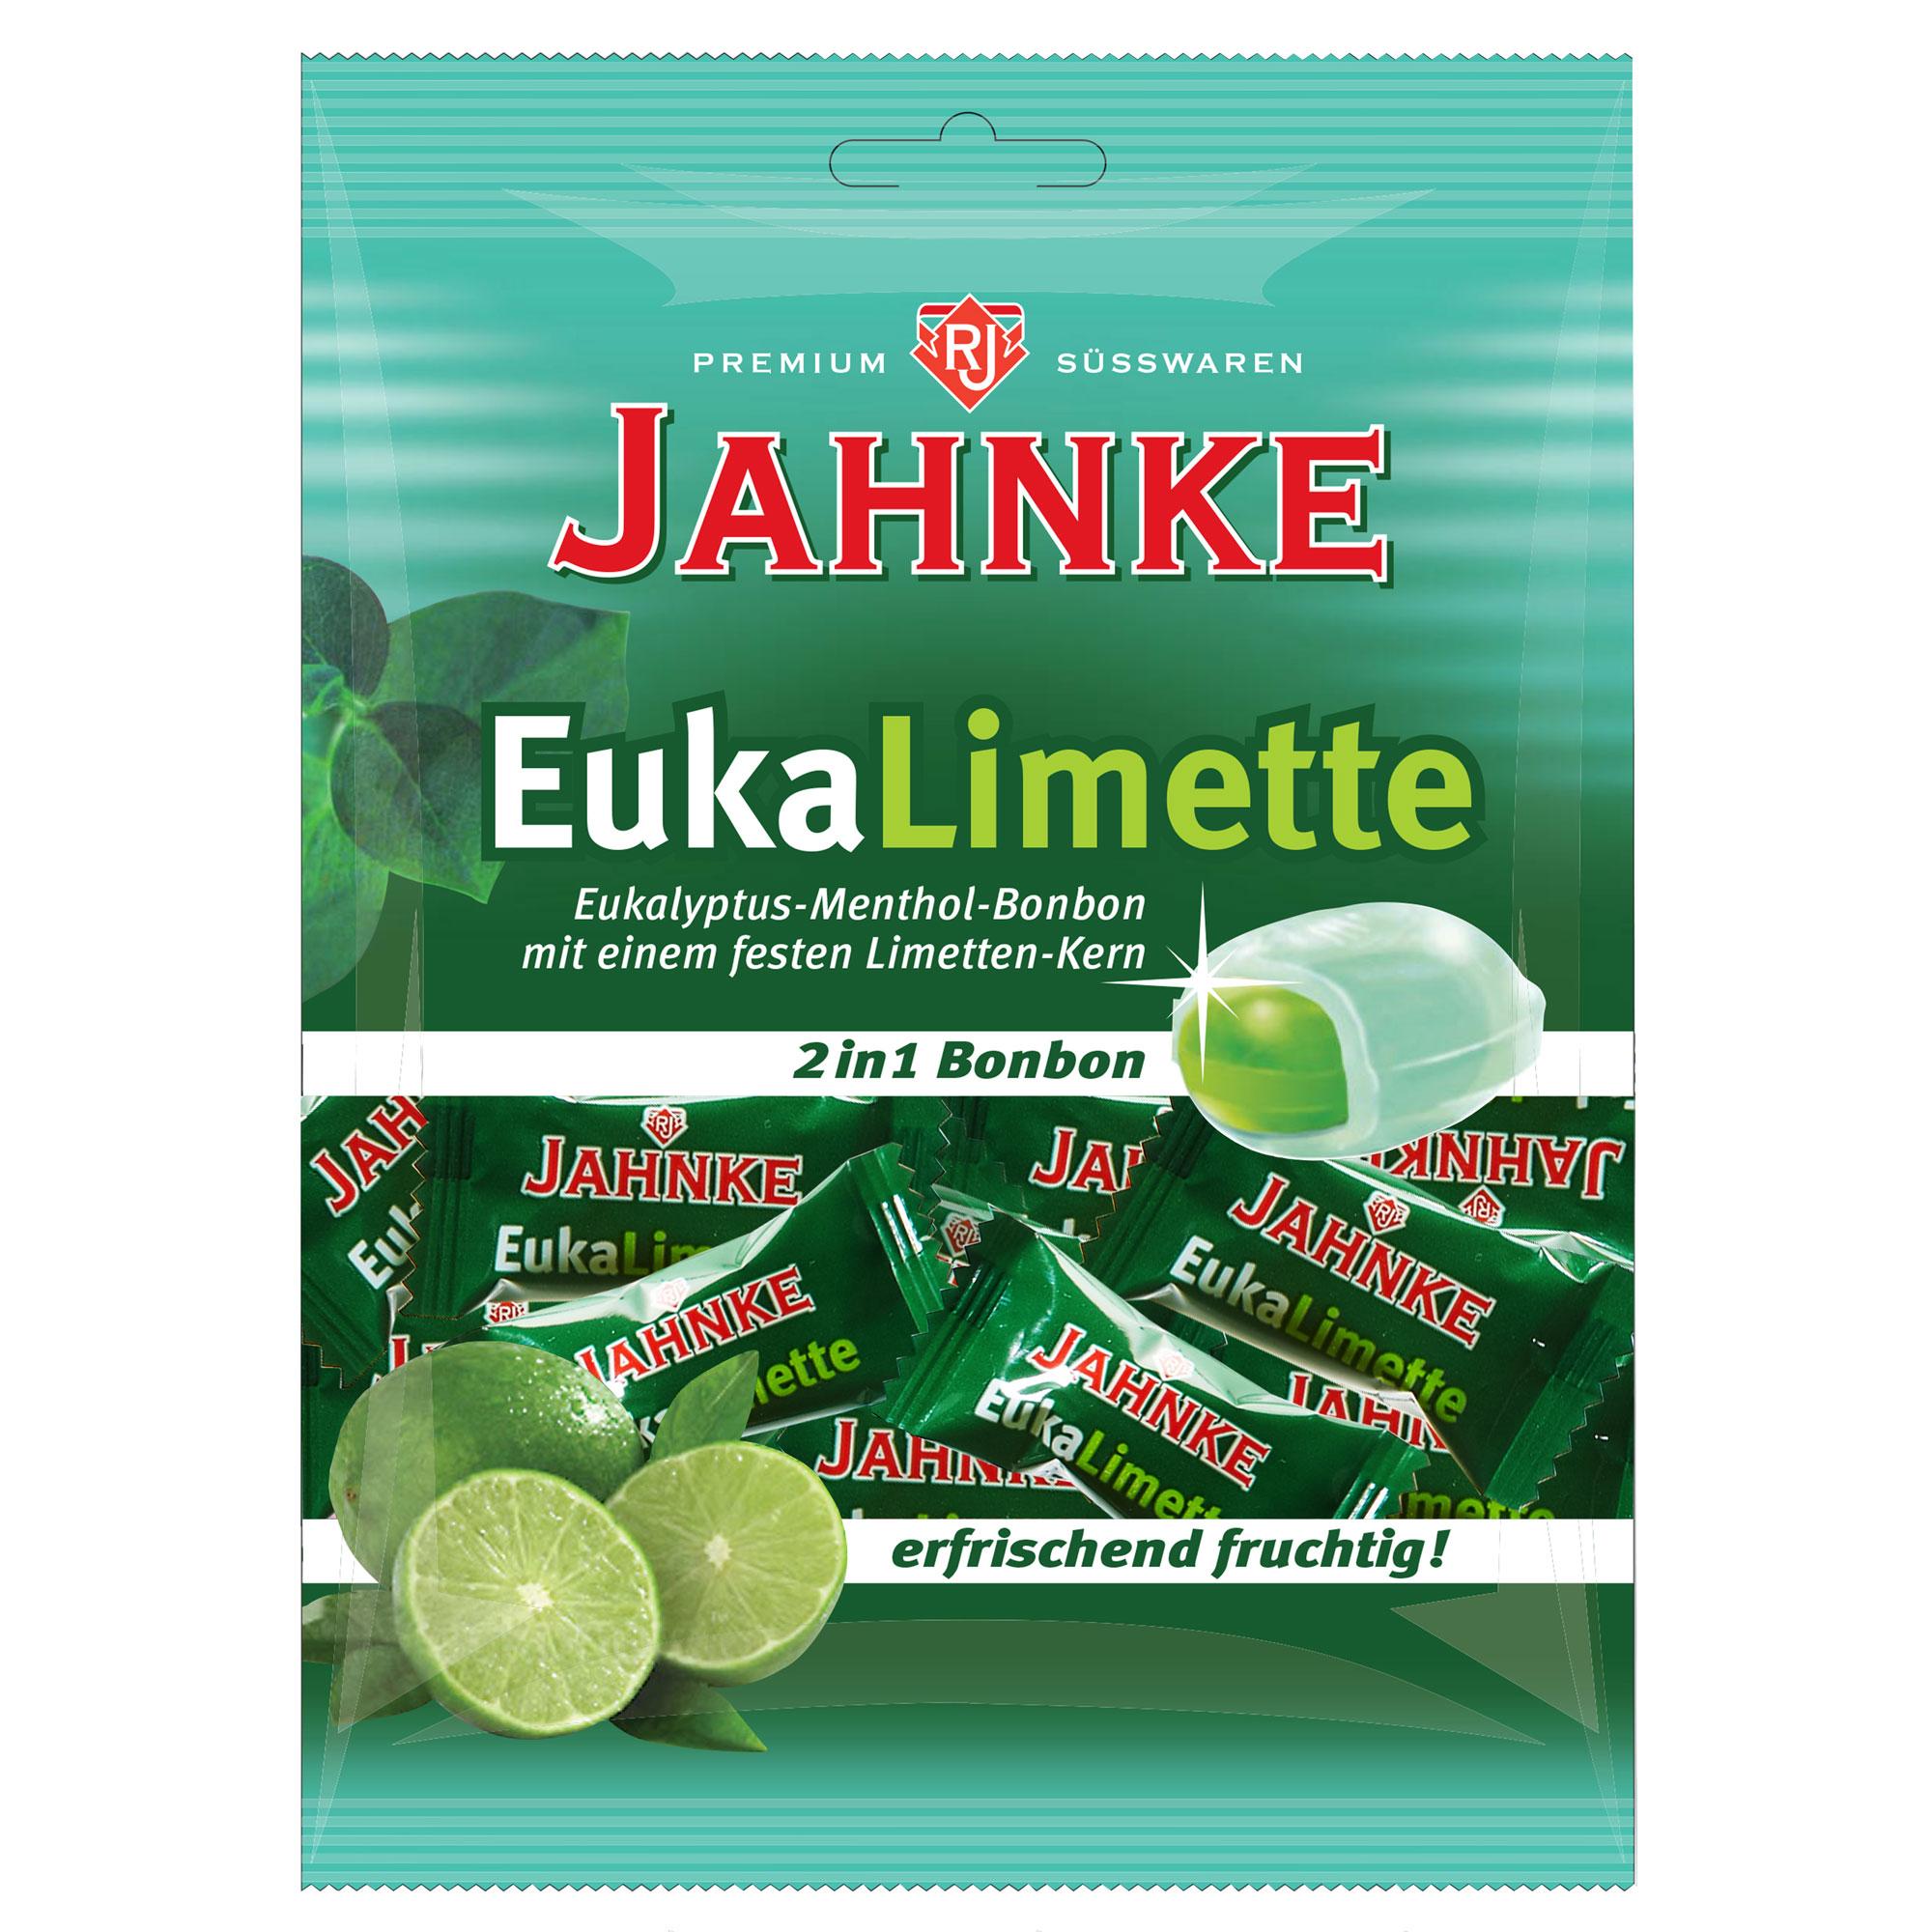 jahnke eukalimette online kaufen im world of sweets shop. Black Bedroom Furniture Sets. Home Design Ideas